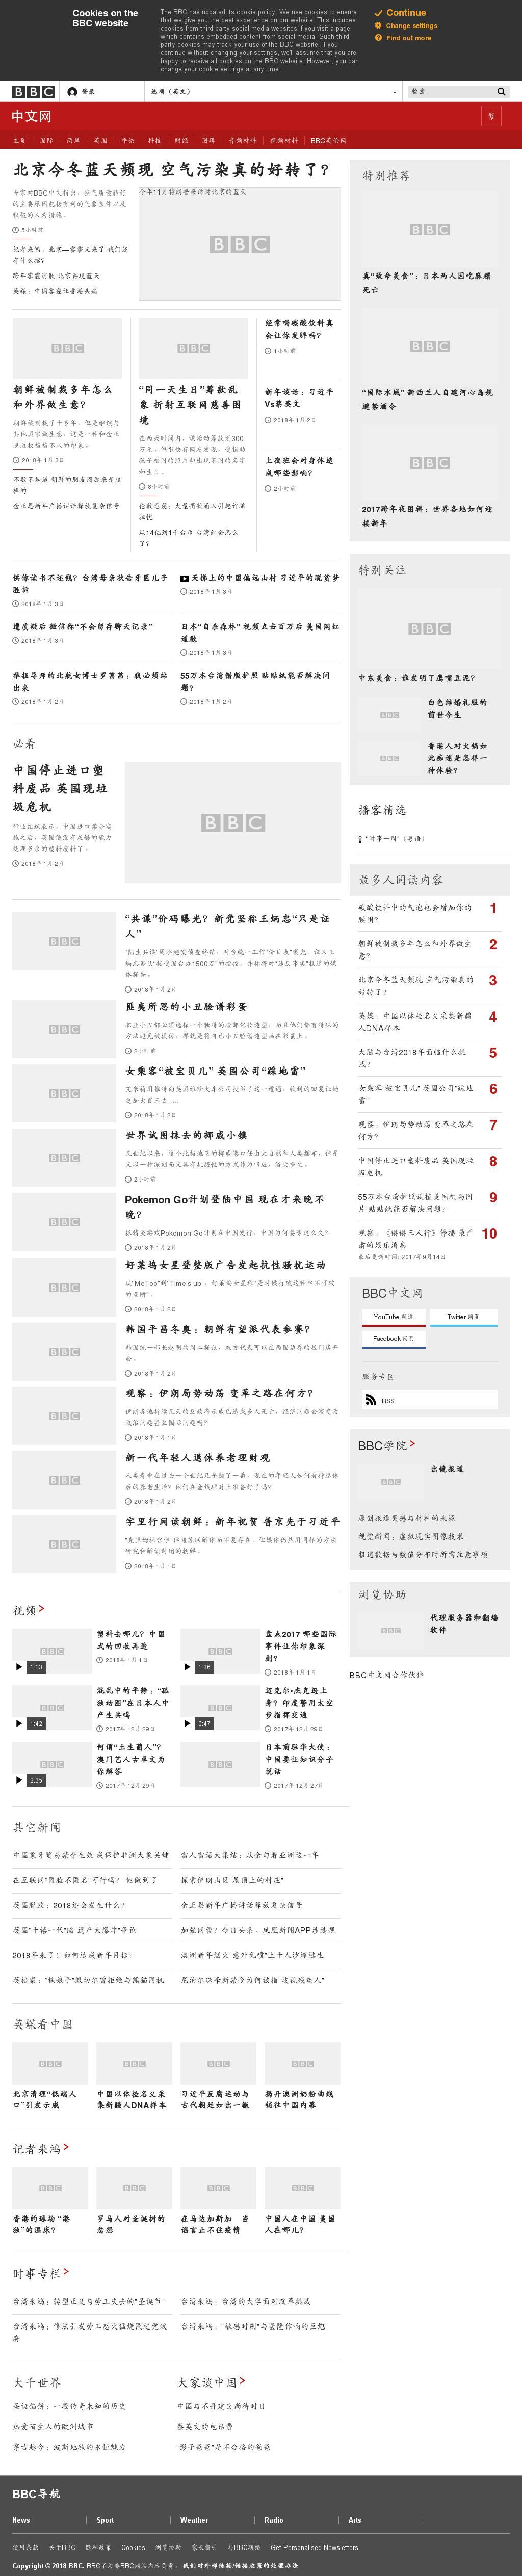 BBC (Chinese) at Wednesday Jan. 3, 2018, 7:01 p.m. UTC